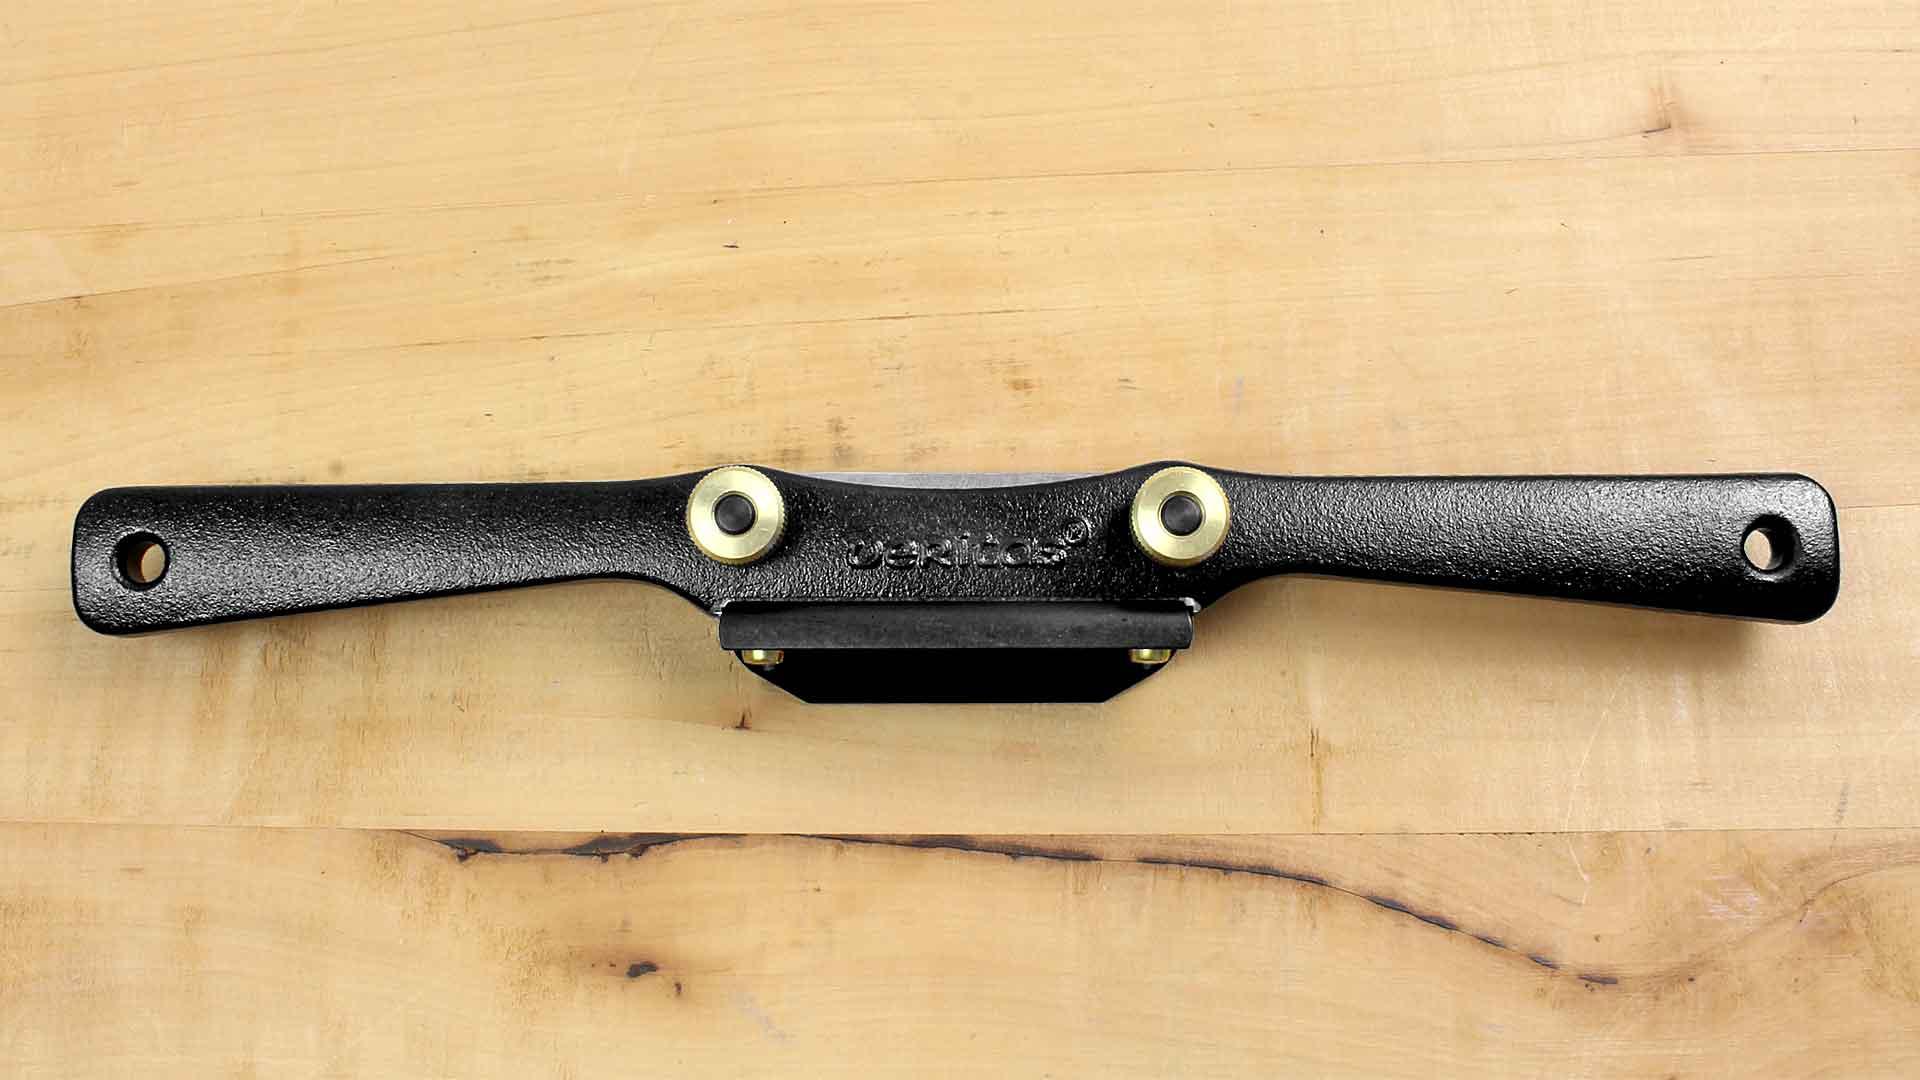 Spokeshave Blade Orientation